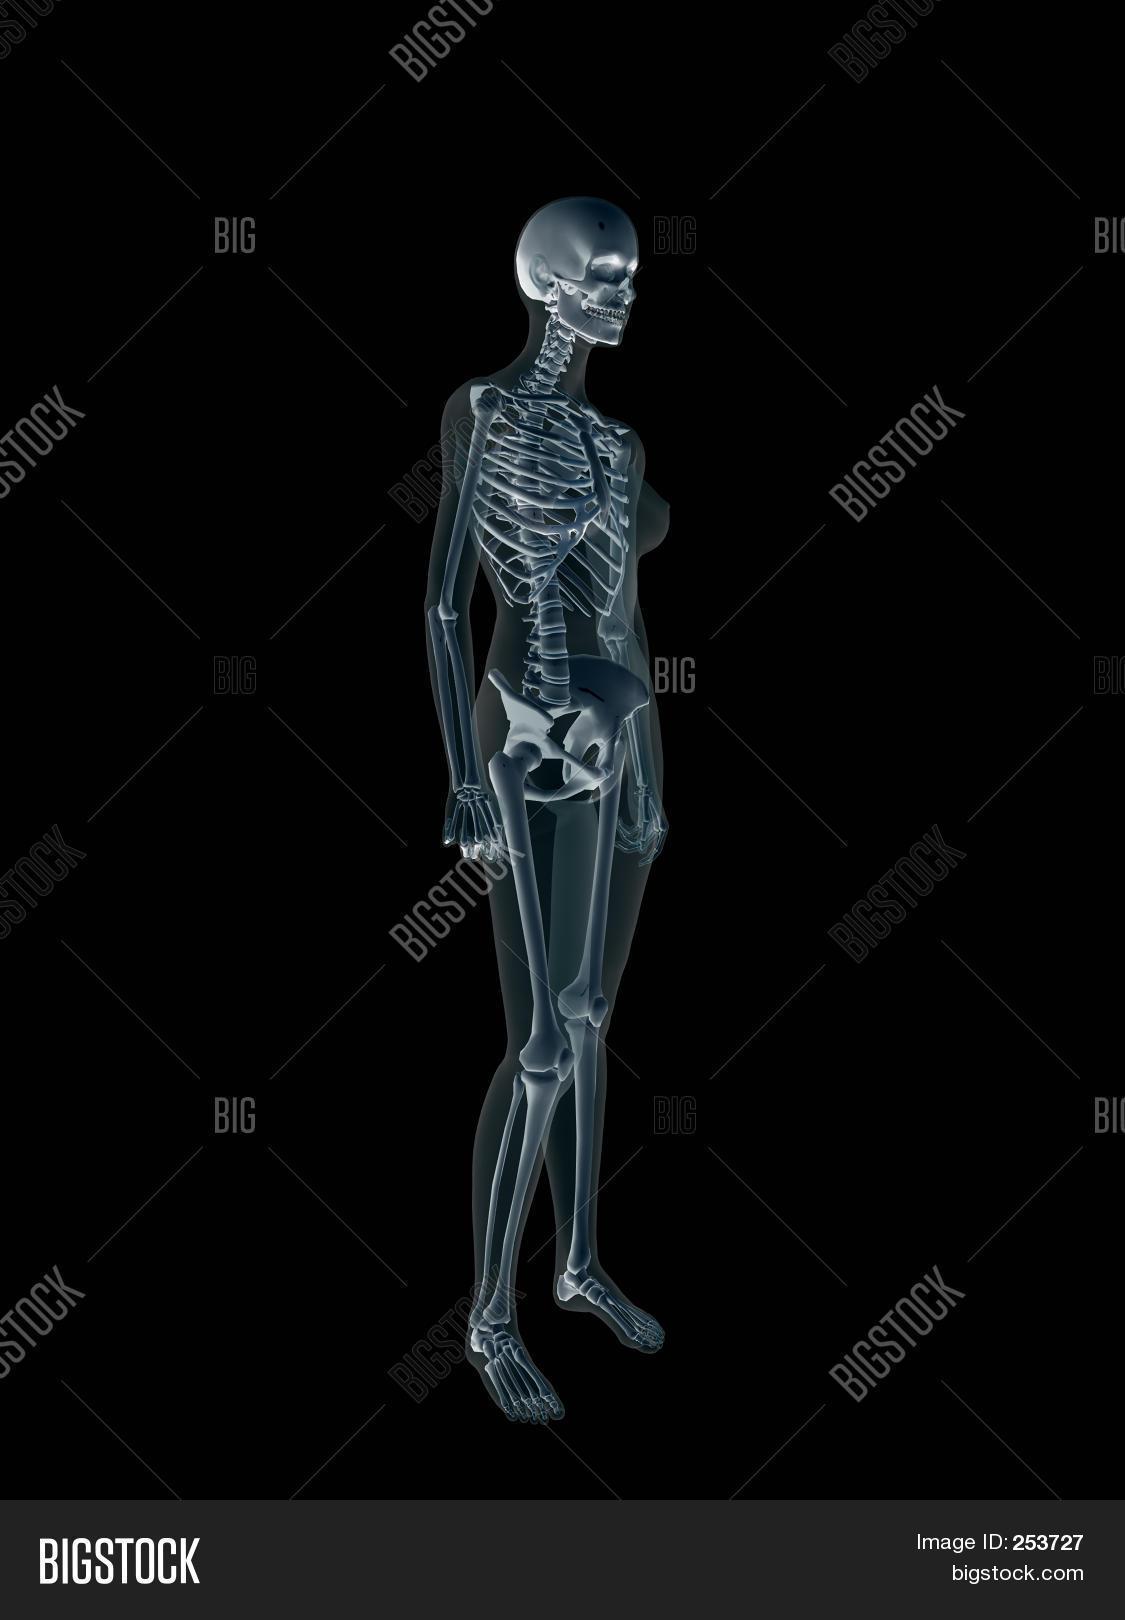 Imagen y foto Radiografí, Radiografí Del Cuerpo   Bigstock